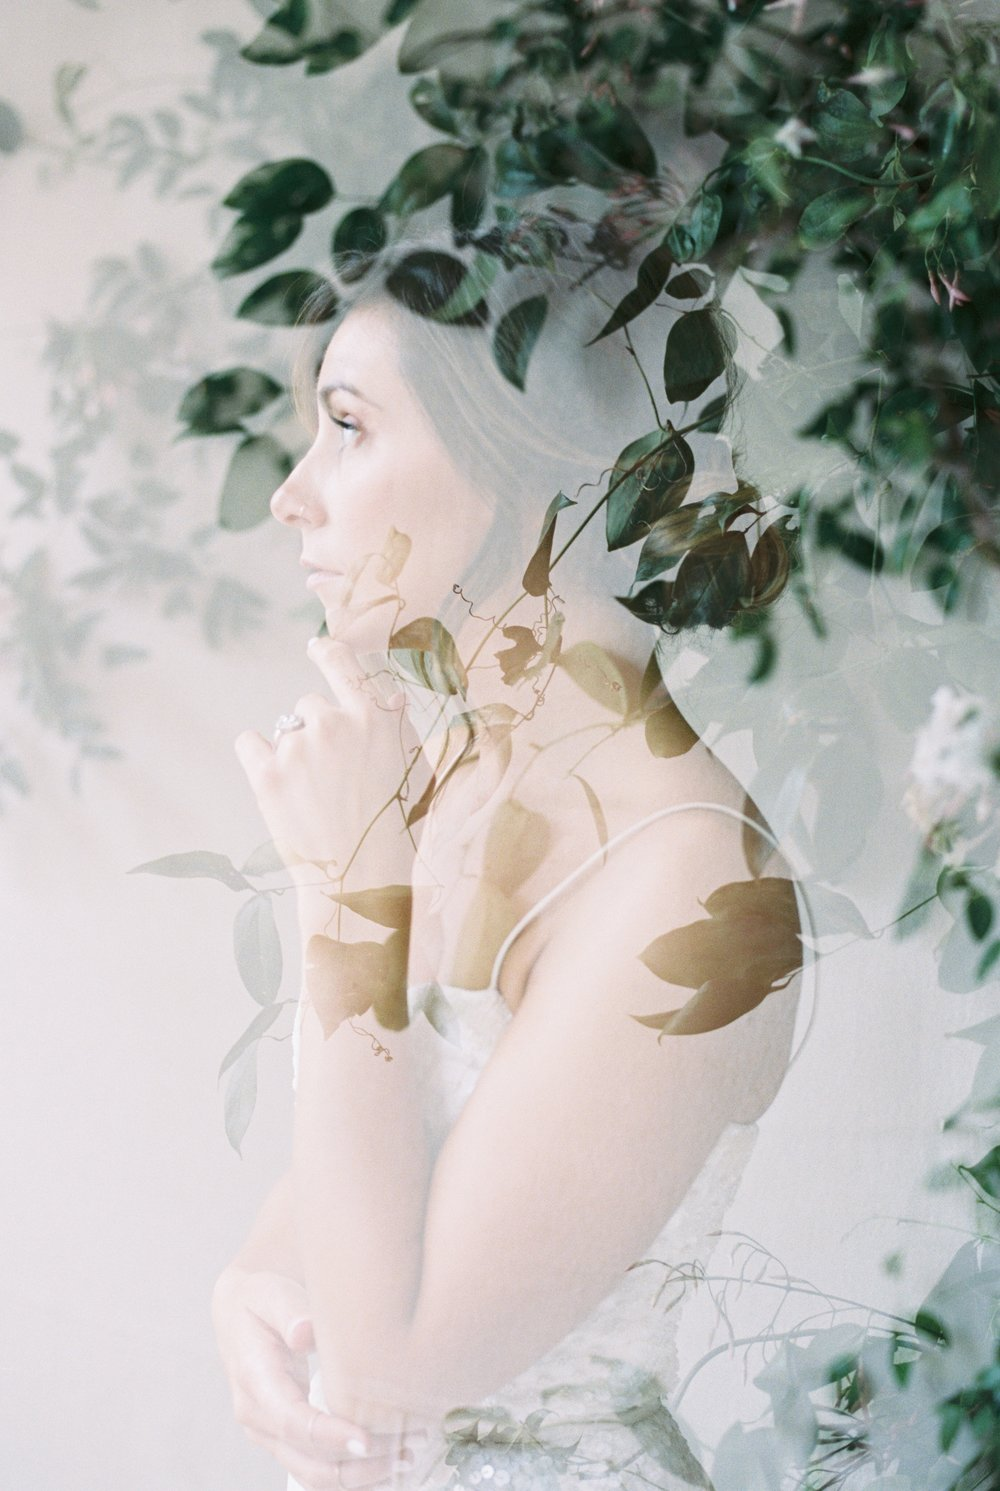 Caroline Koehler Photography's double exposure